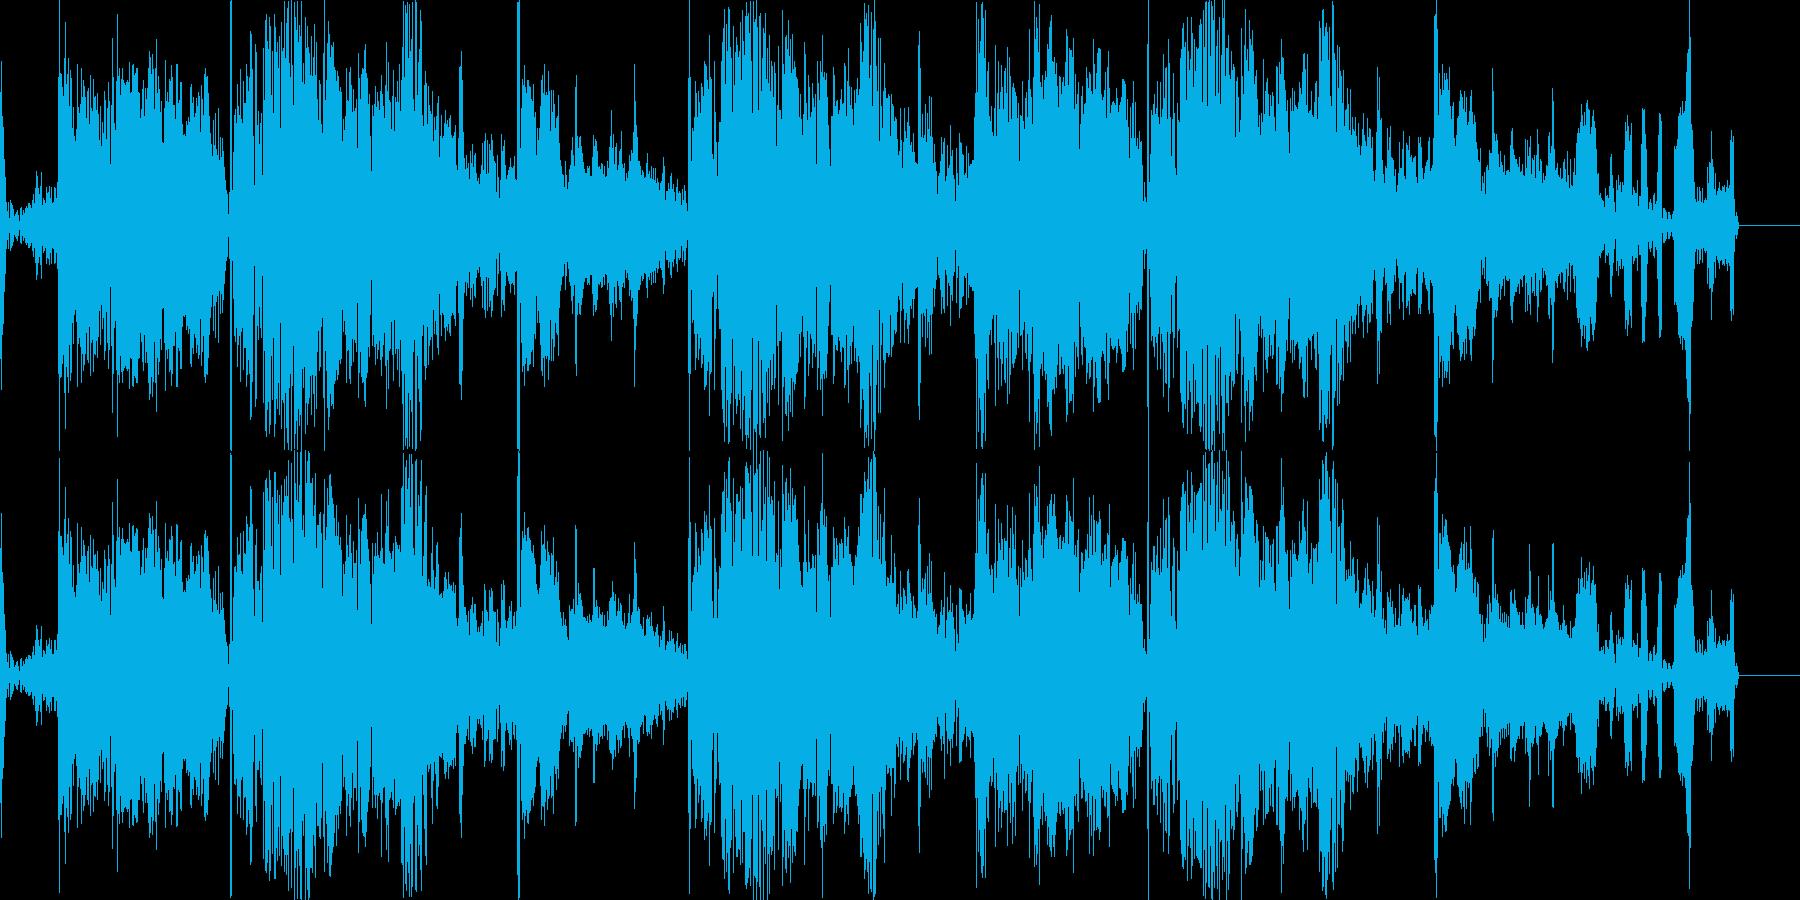 自然が溢れるBGMの再生済みの波形